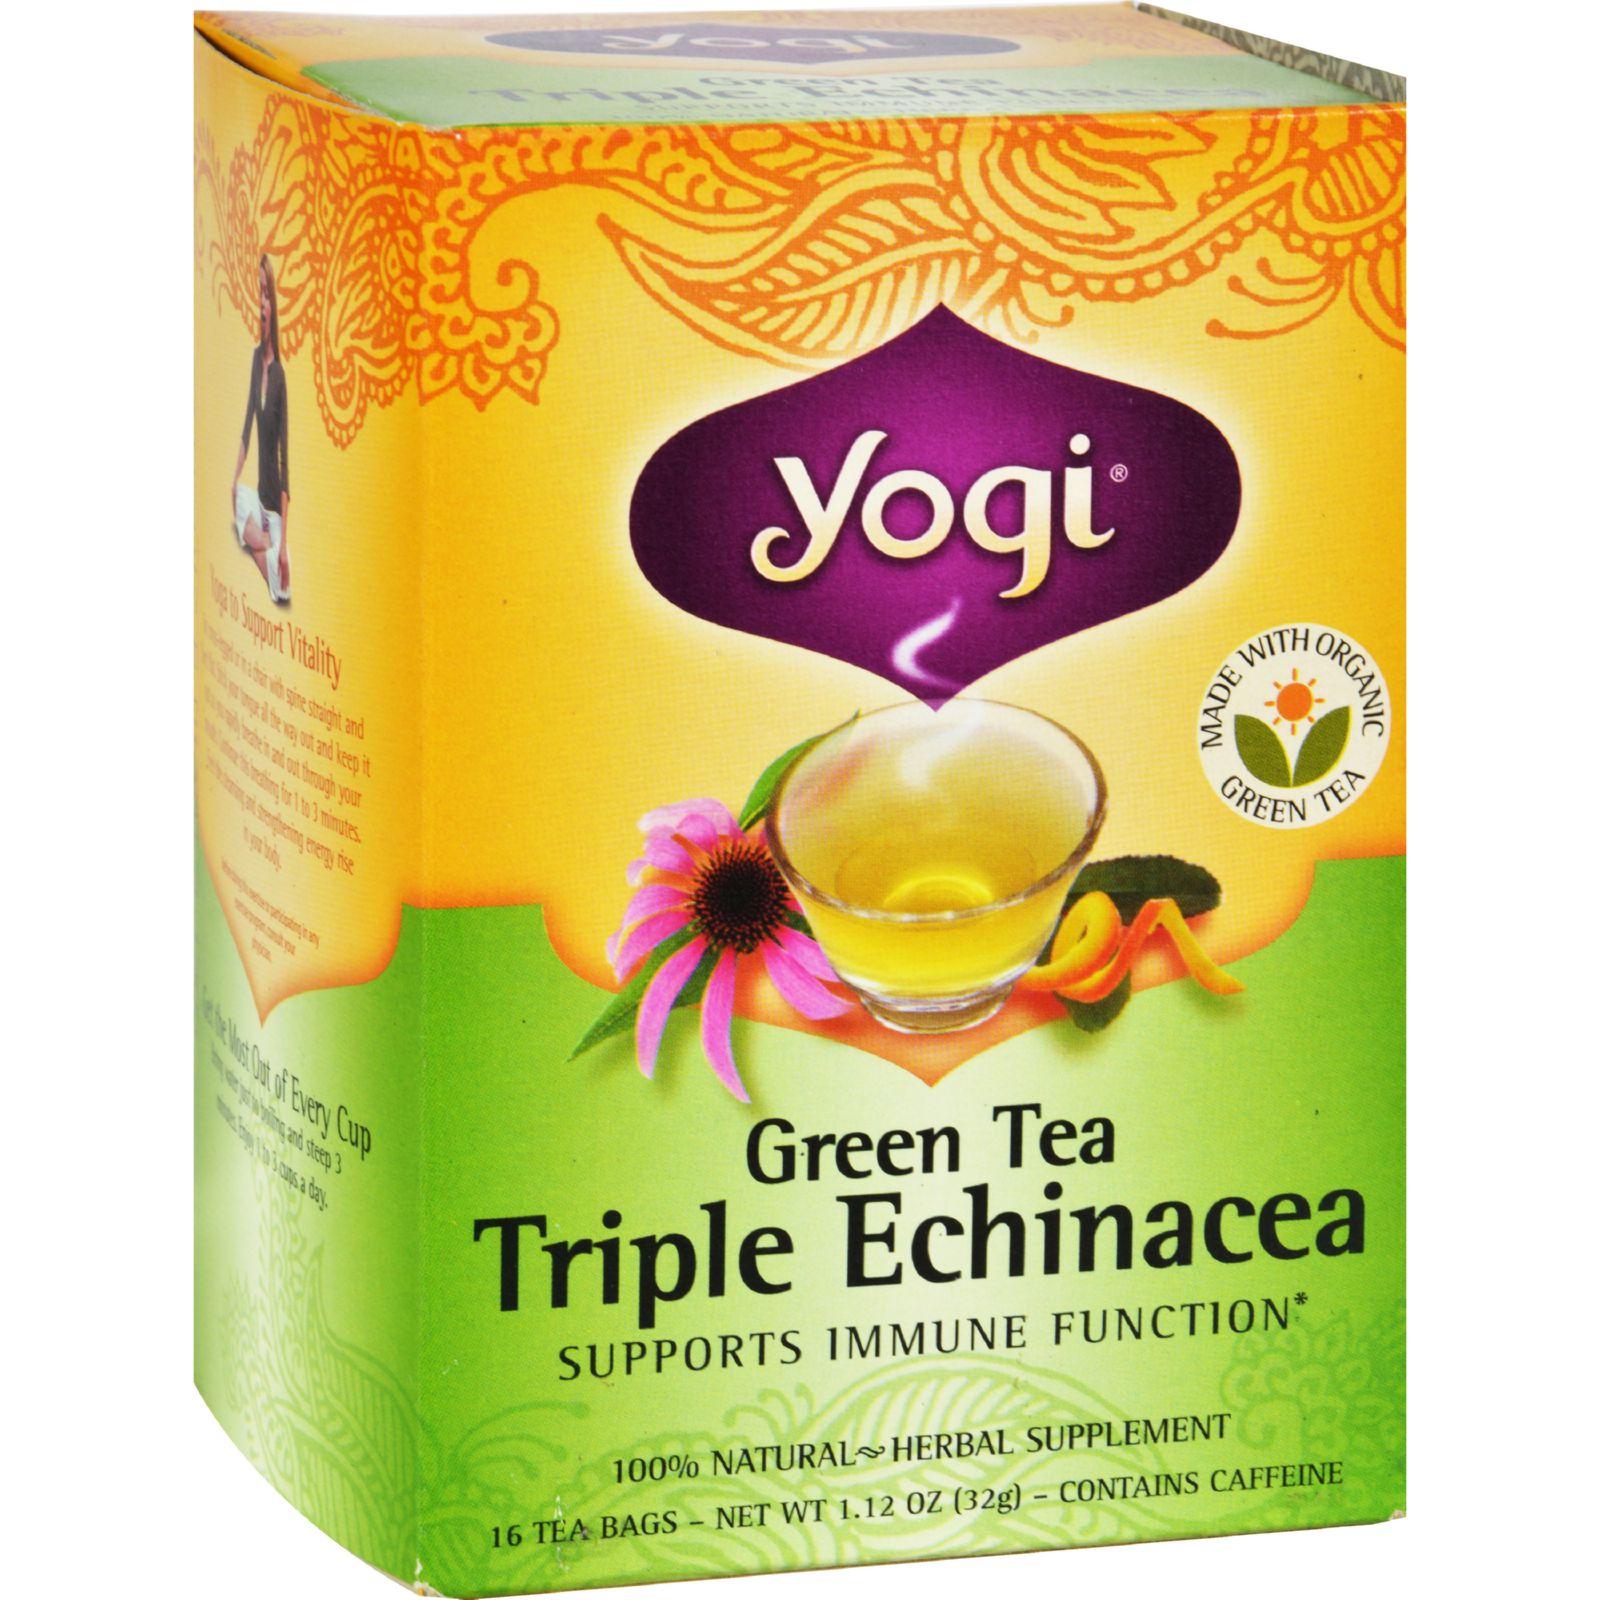 Yogi Tea Green Tea Triple Echinacea - 16 Tea Bags